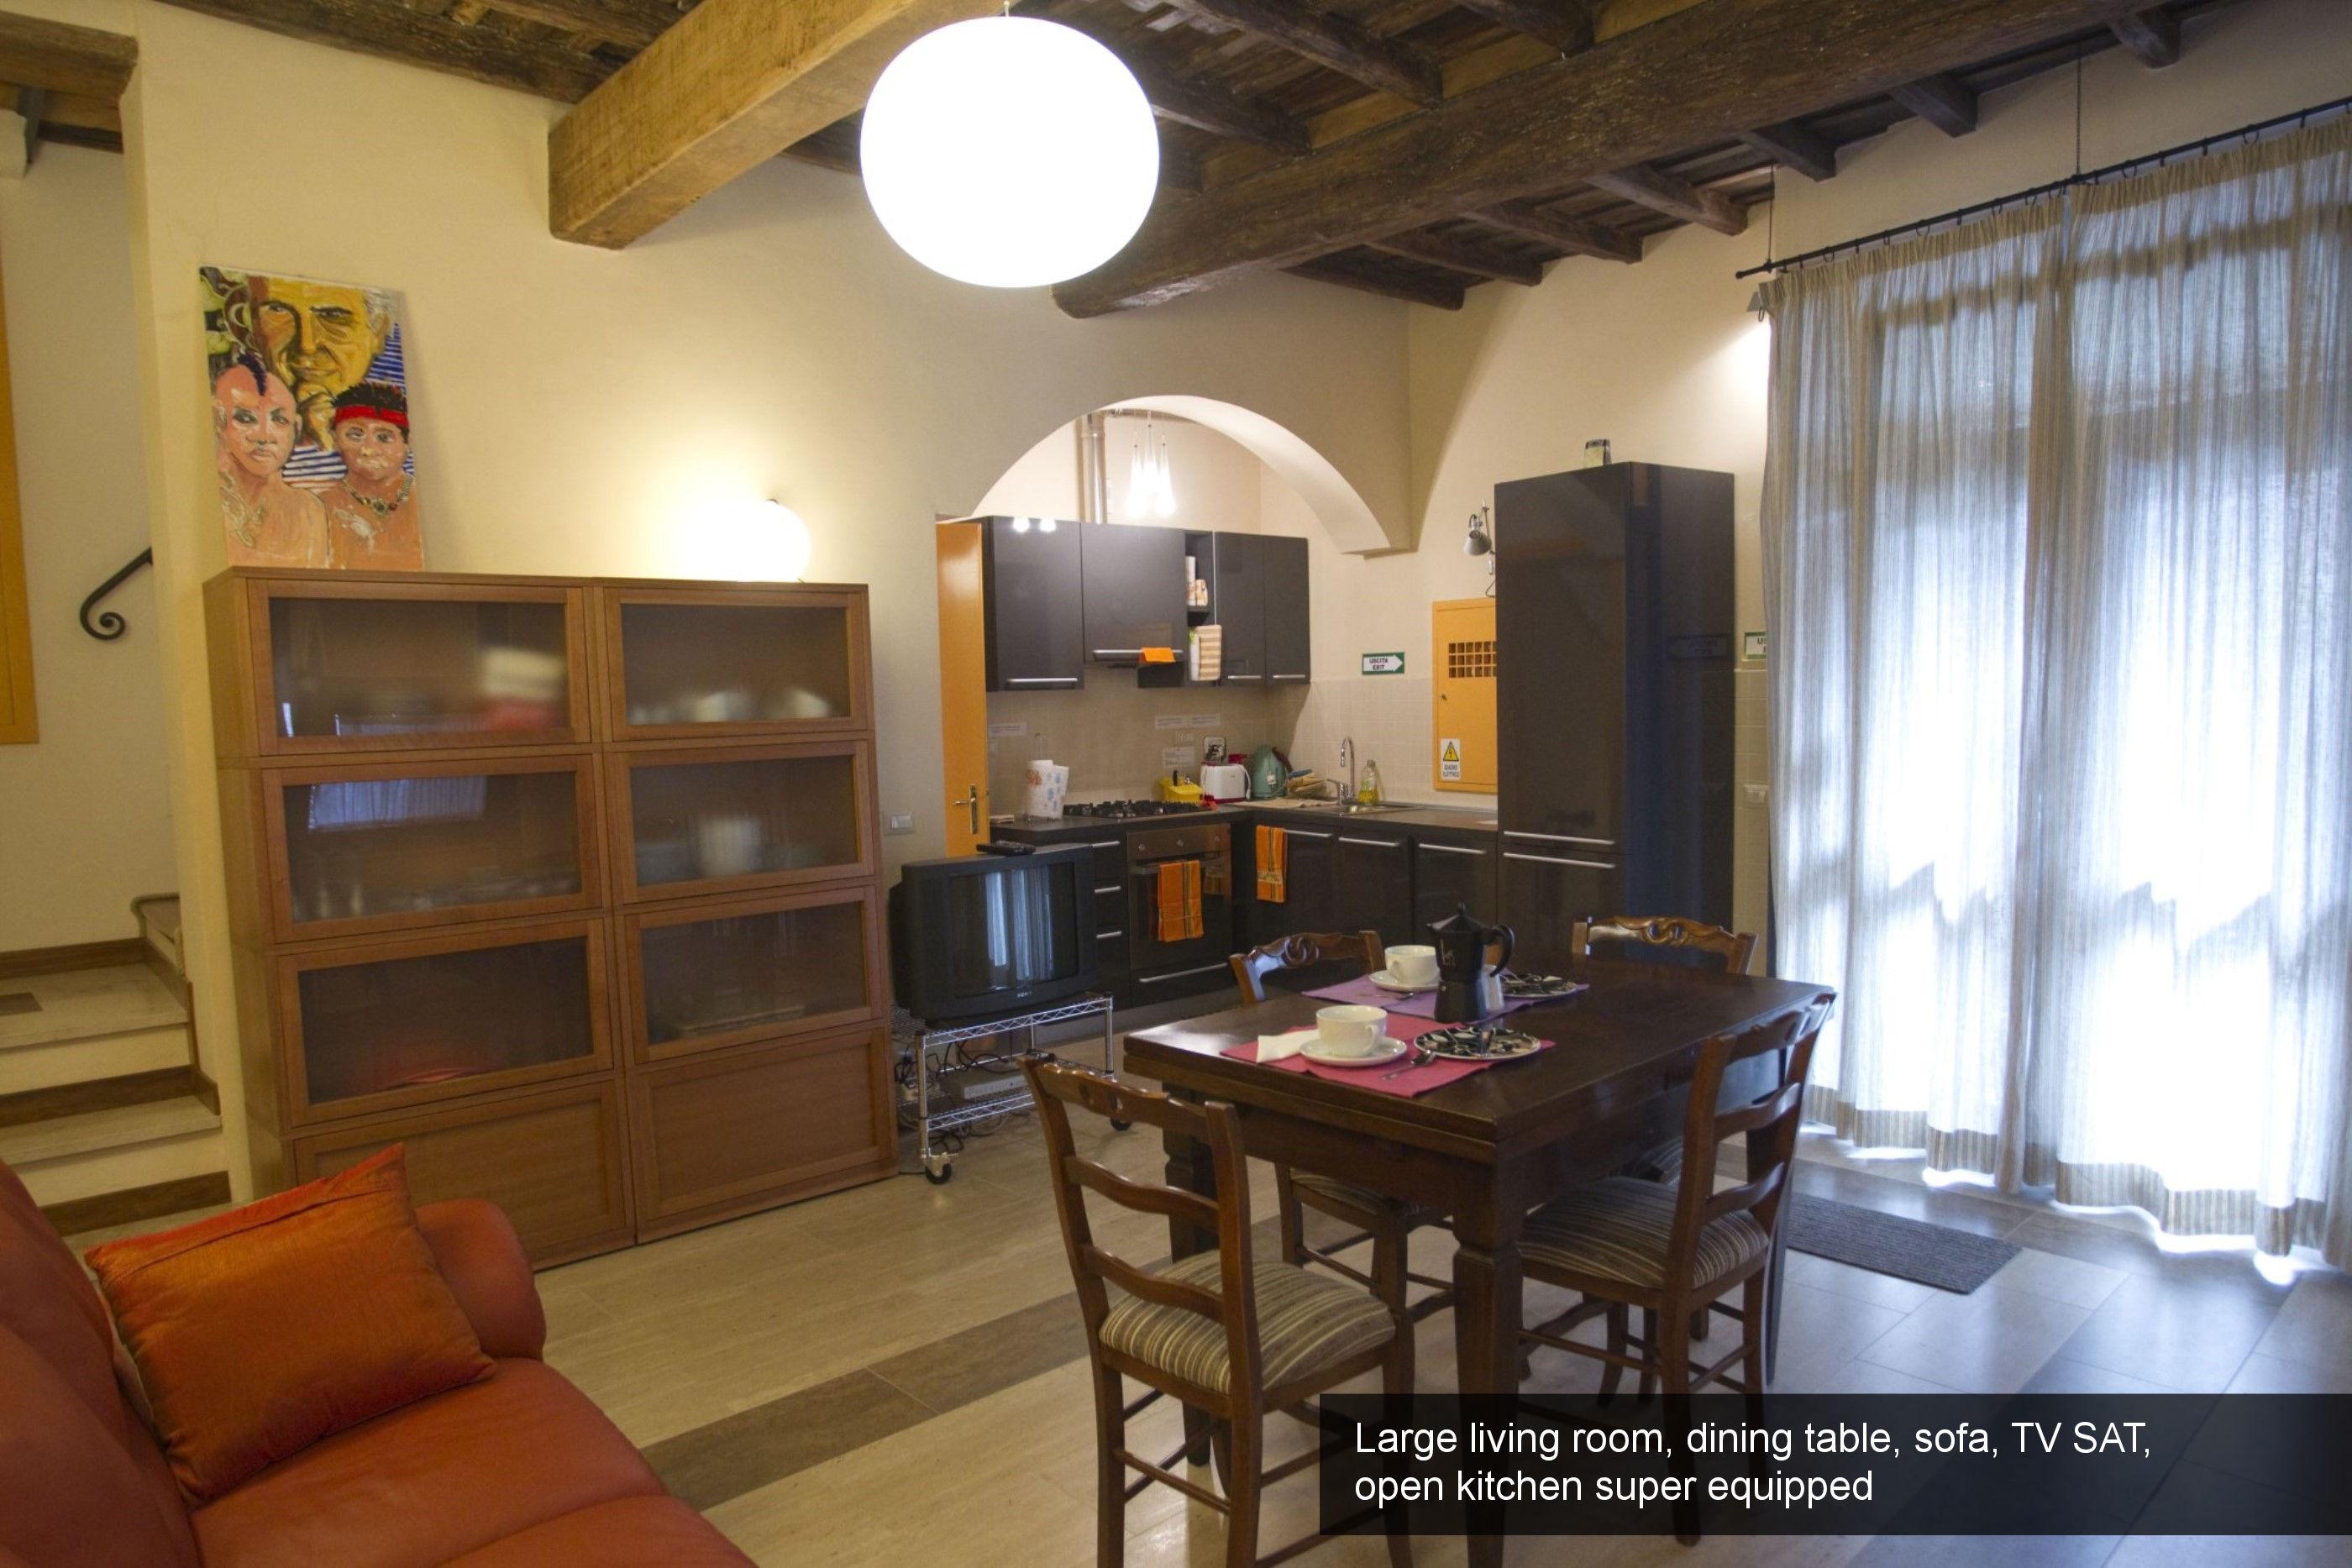 2) large living room, dining table, sofa, TV SAT, open kitchen super equ...